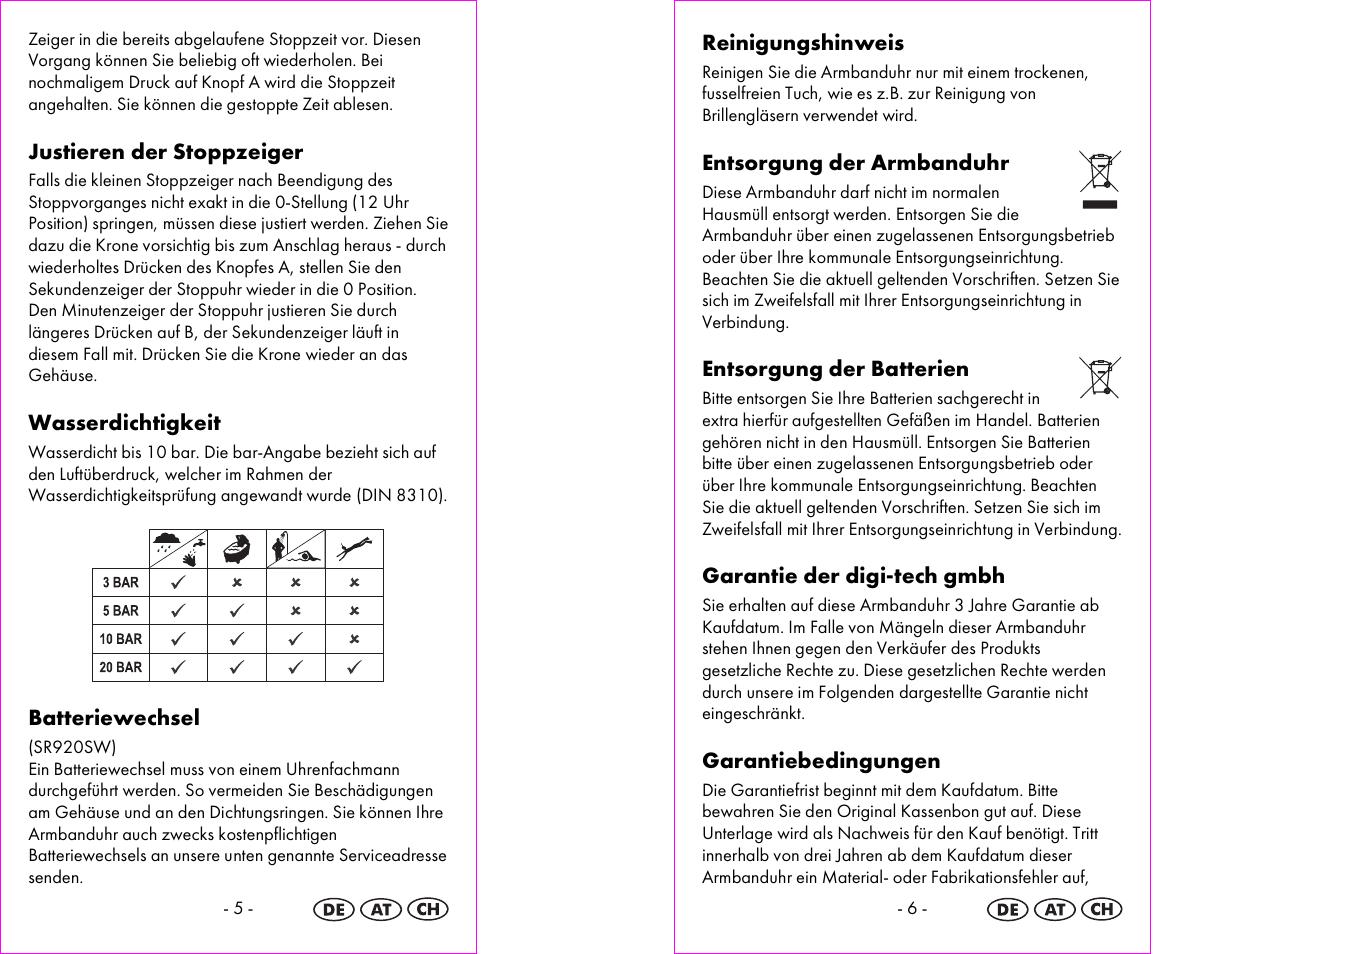 Berühmt Betonbaurahmen Ideen - Bilderrahmen Ideen - szurop.info